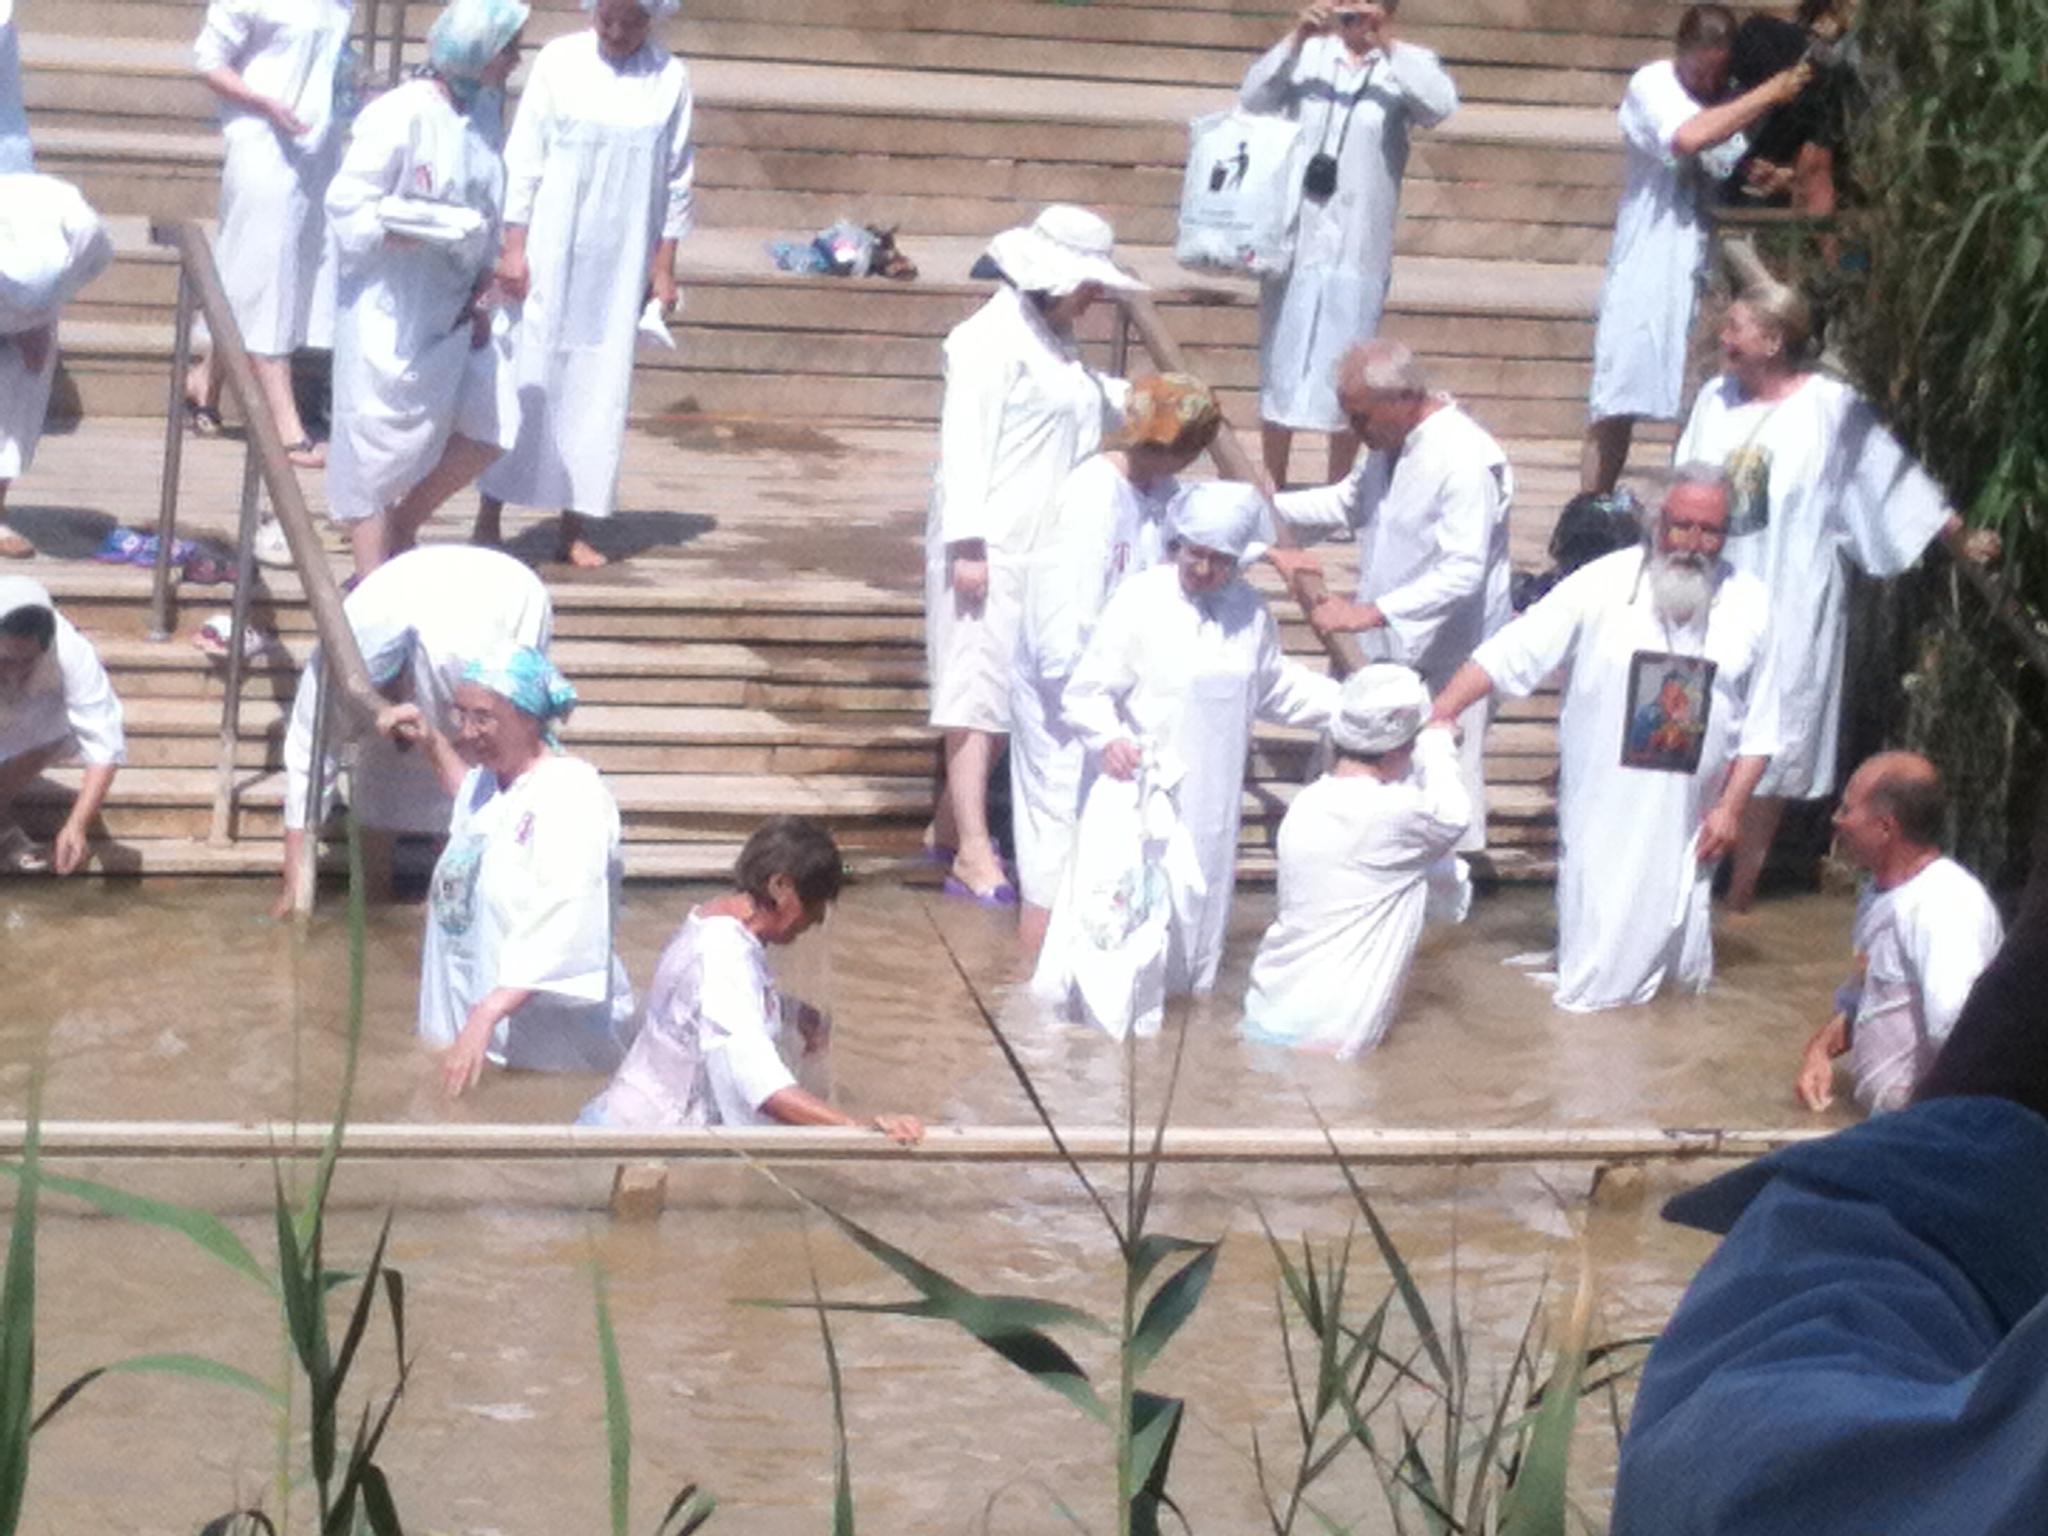 sur le Jourdain, vu depuis la rive jordanienne, les pèlerins orthodoxes russes, venus par Israël, célèbrent le baptême de Jésus